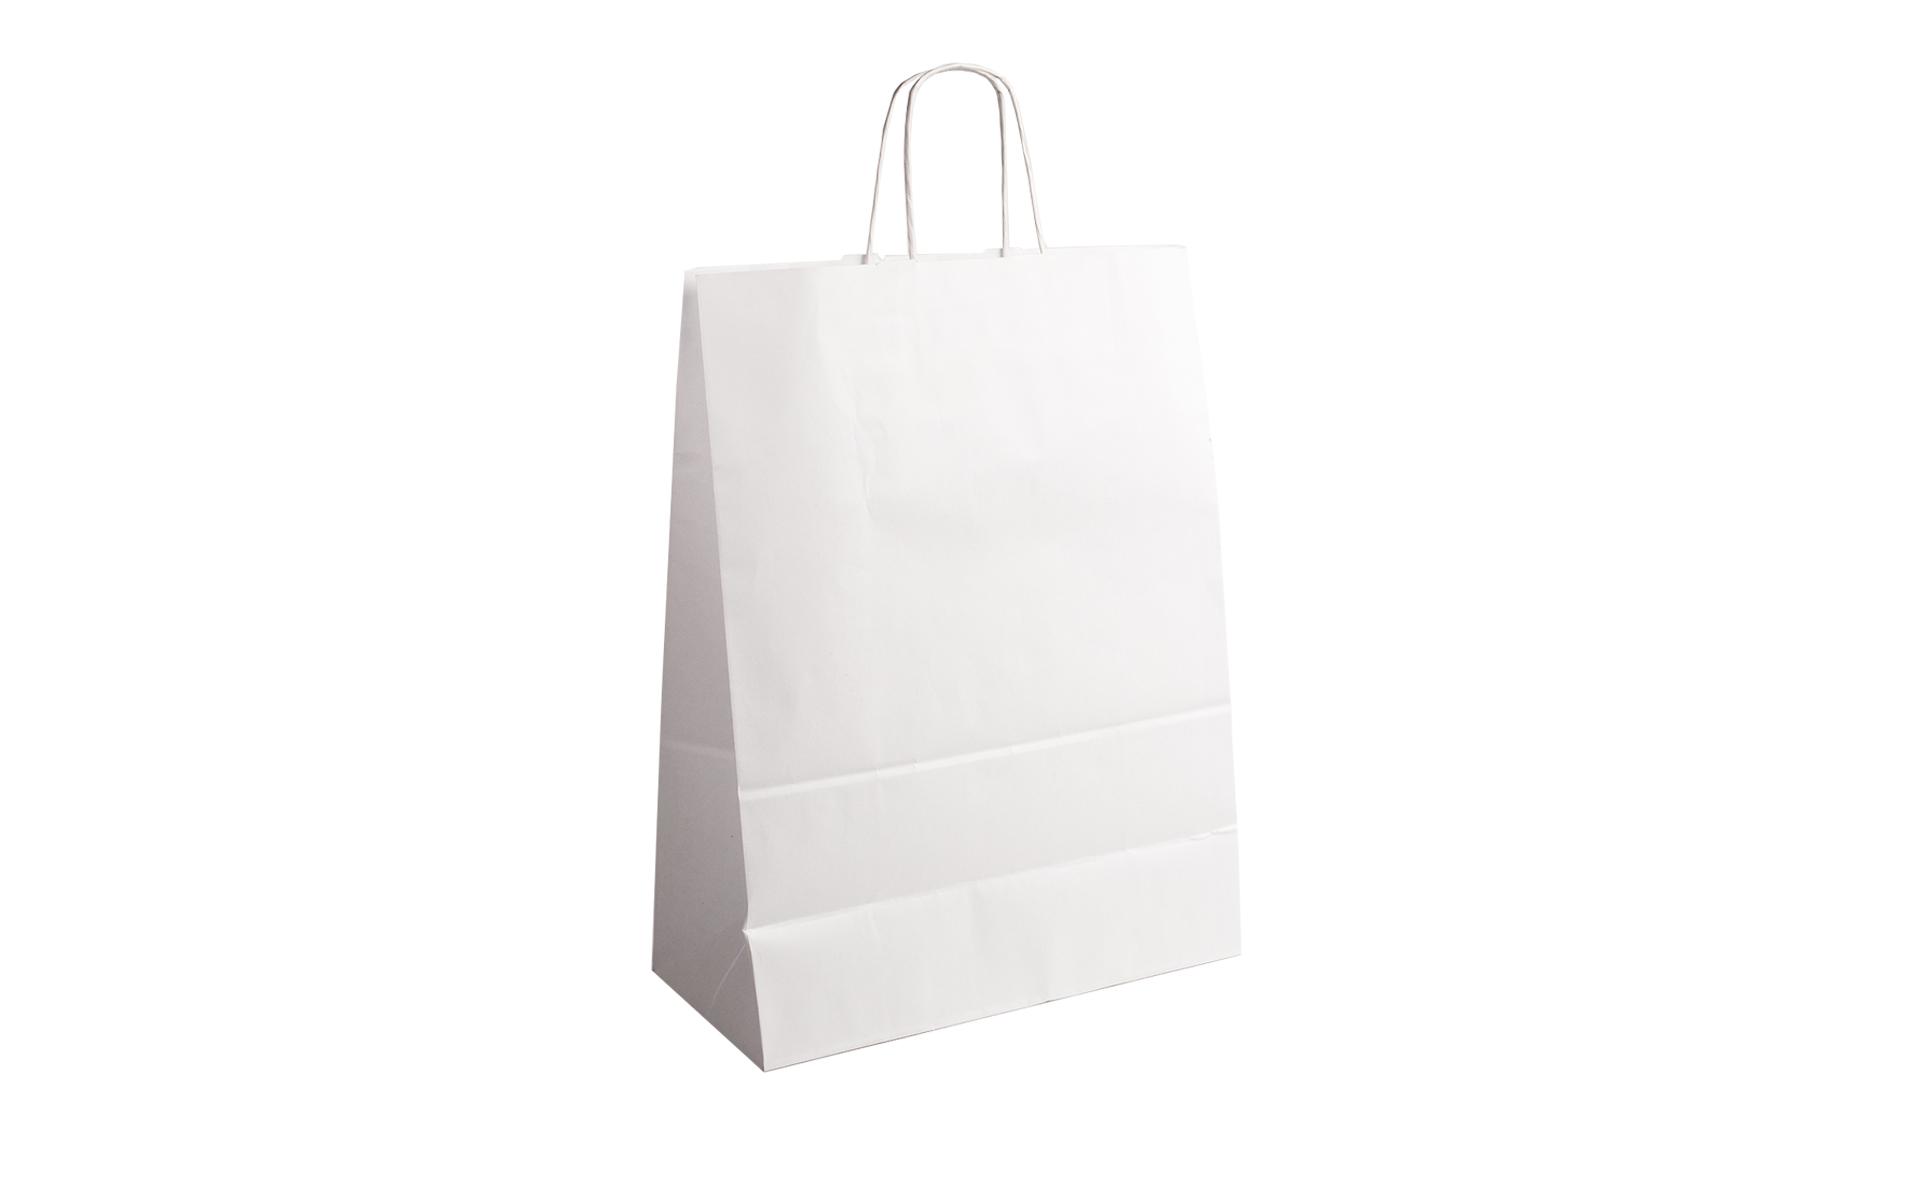 Bolsa blanca papel asa rizada 23x31